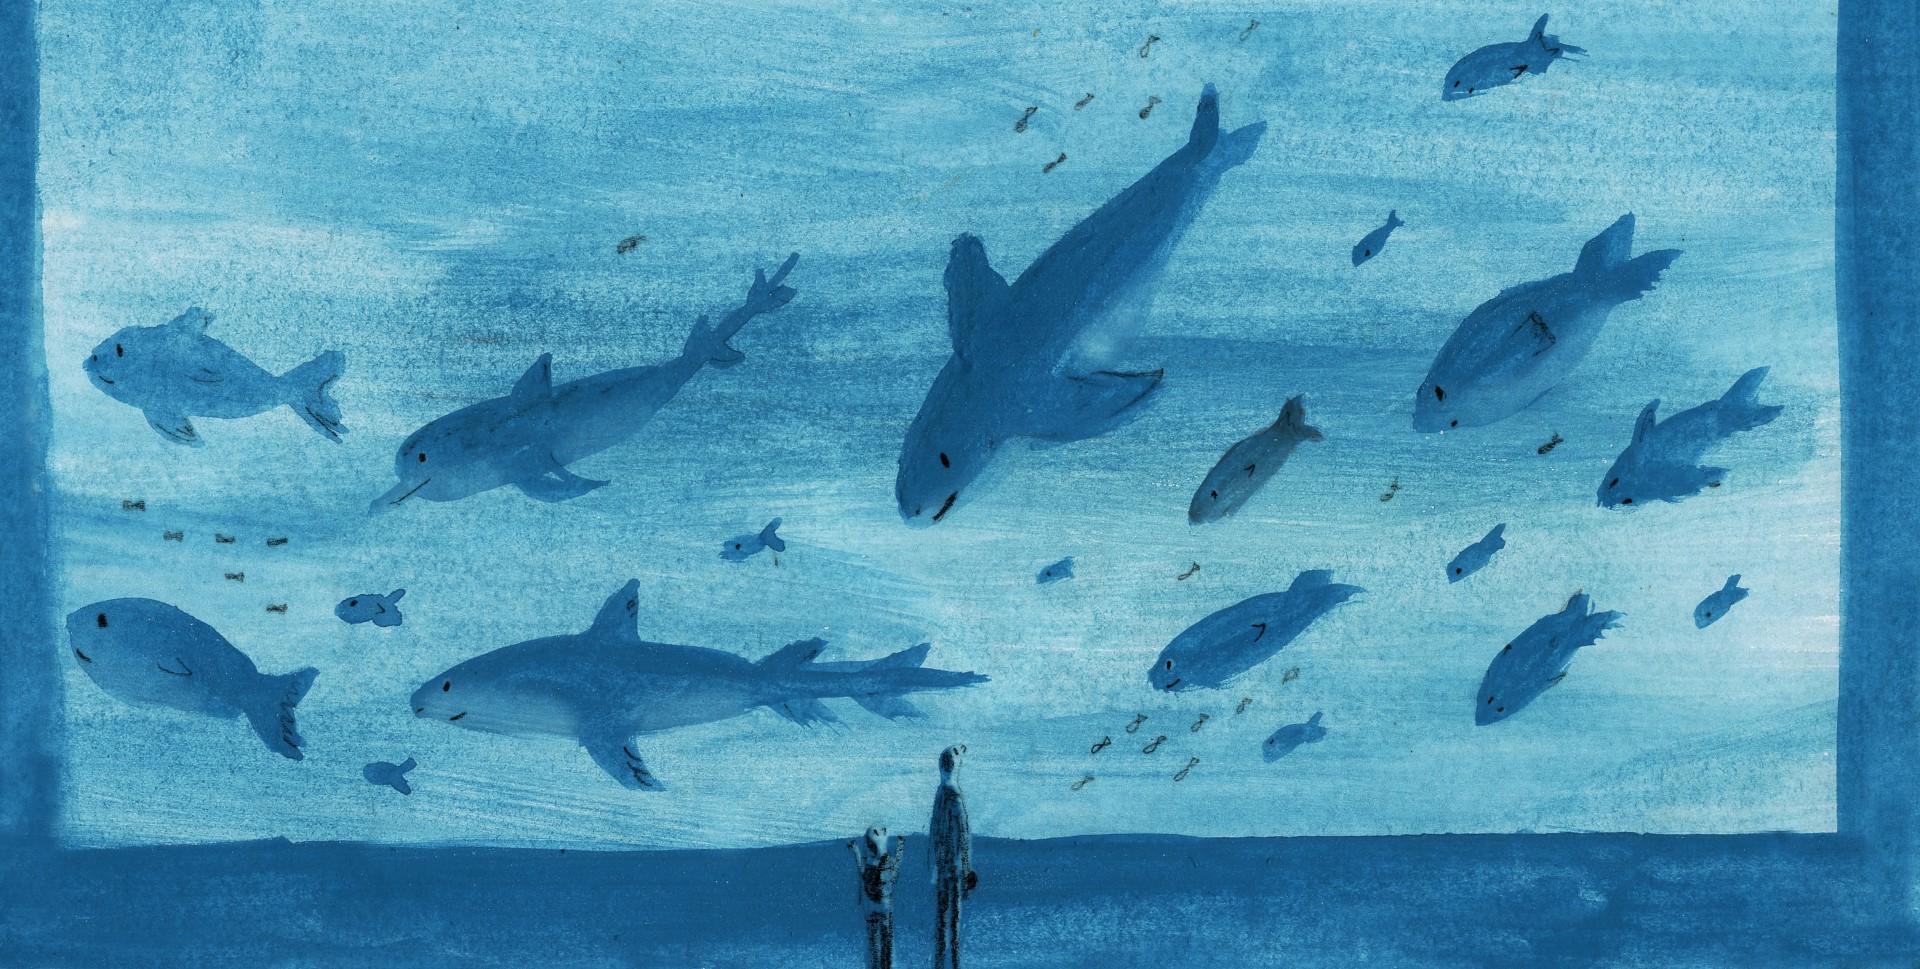 aquarium-jpg-2-large